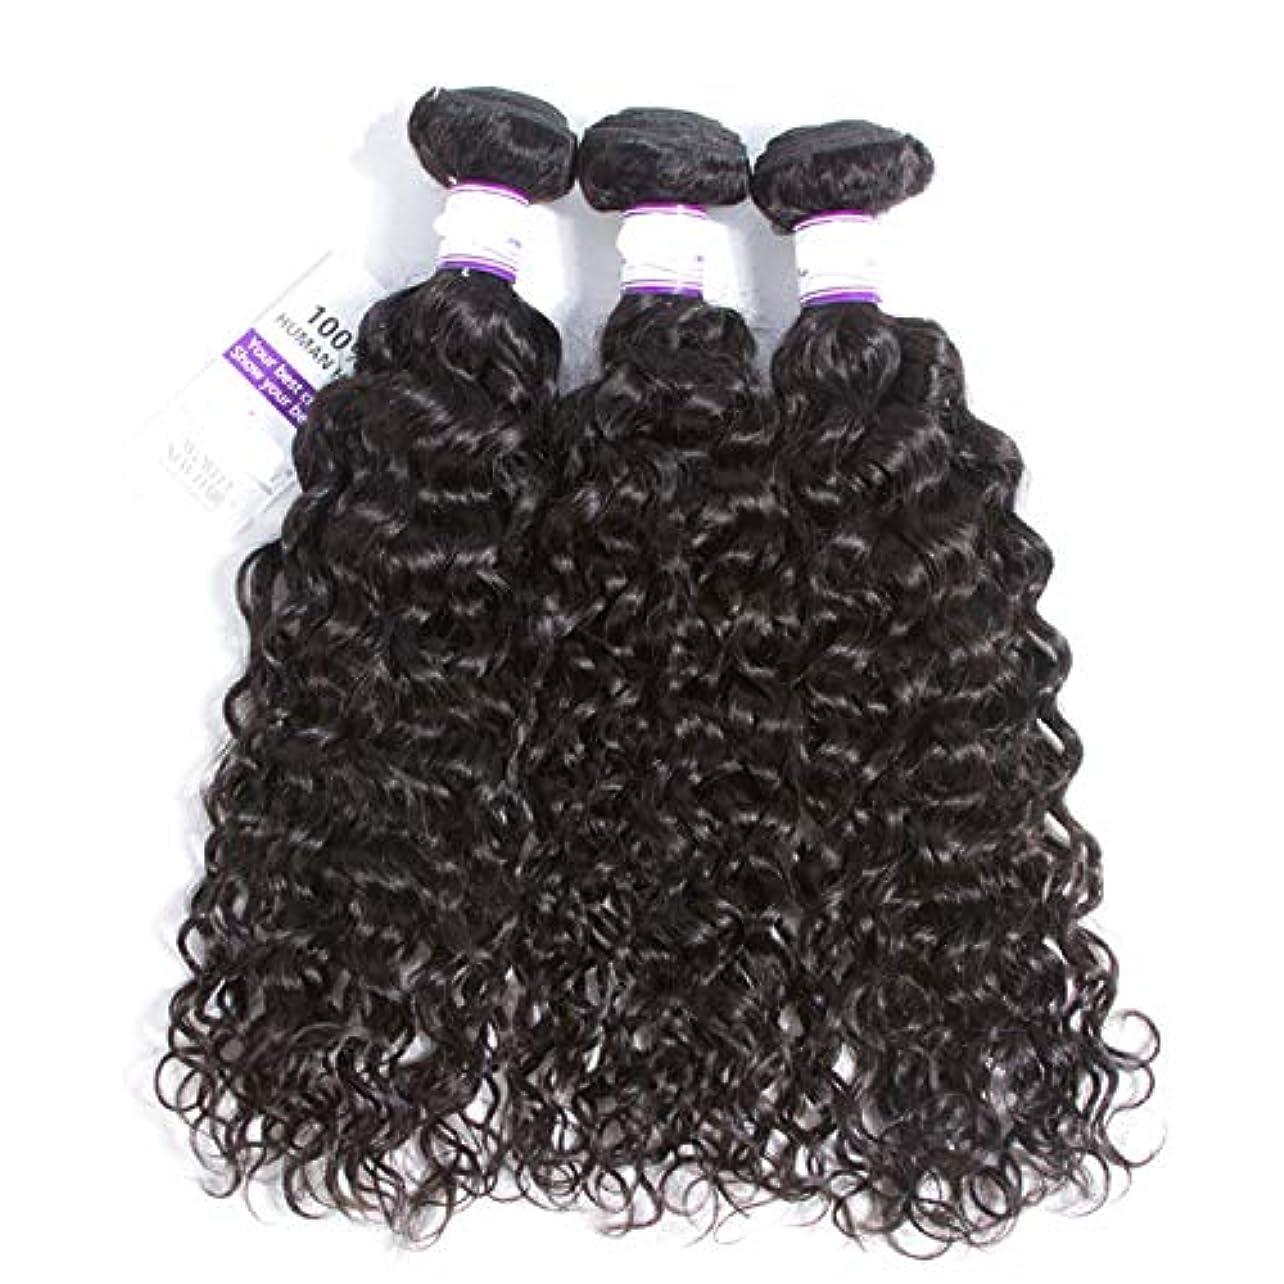 憂鬱なむちゃくちゃタップインドの水波実体髪3バンドル髪織り100%人間のremy髪横糸8-28インチ体毛延長 (Length : 16 18 20)